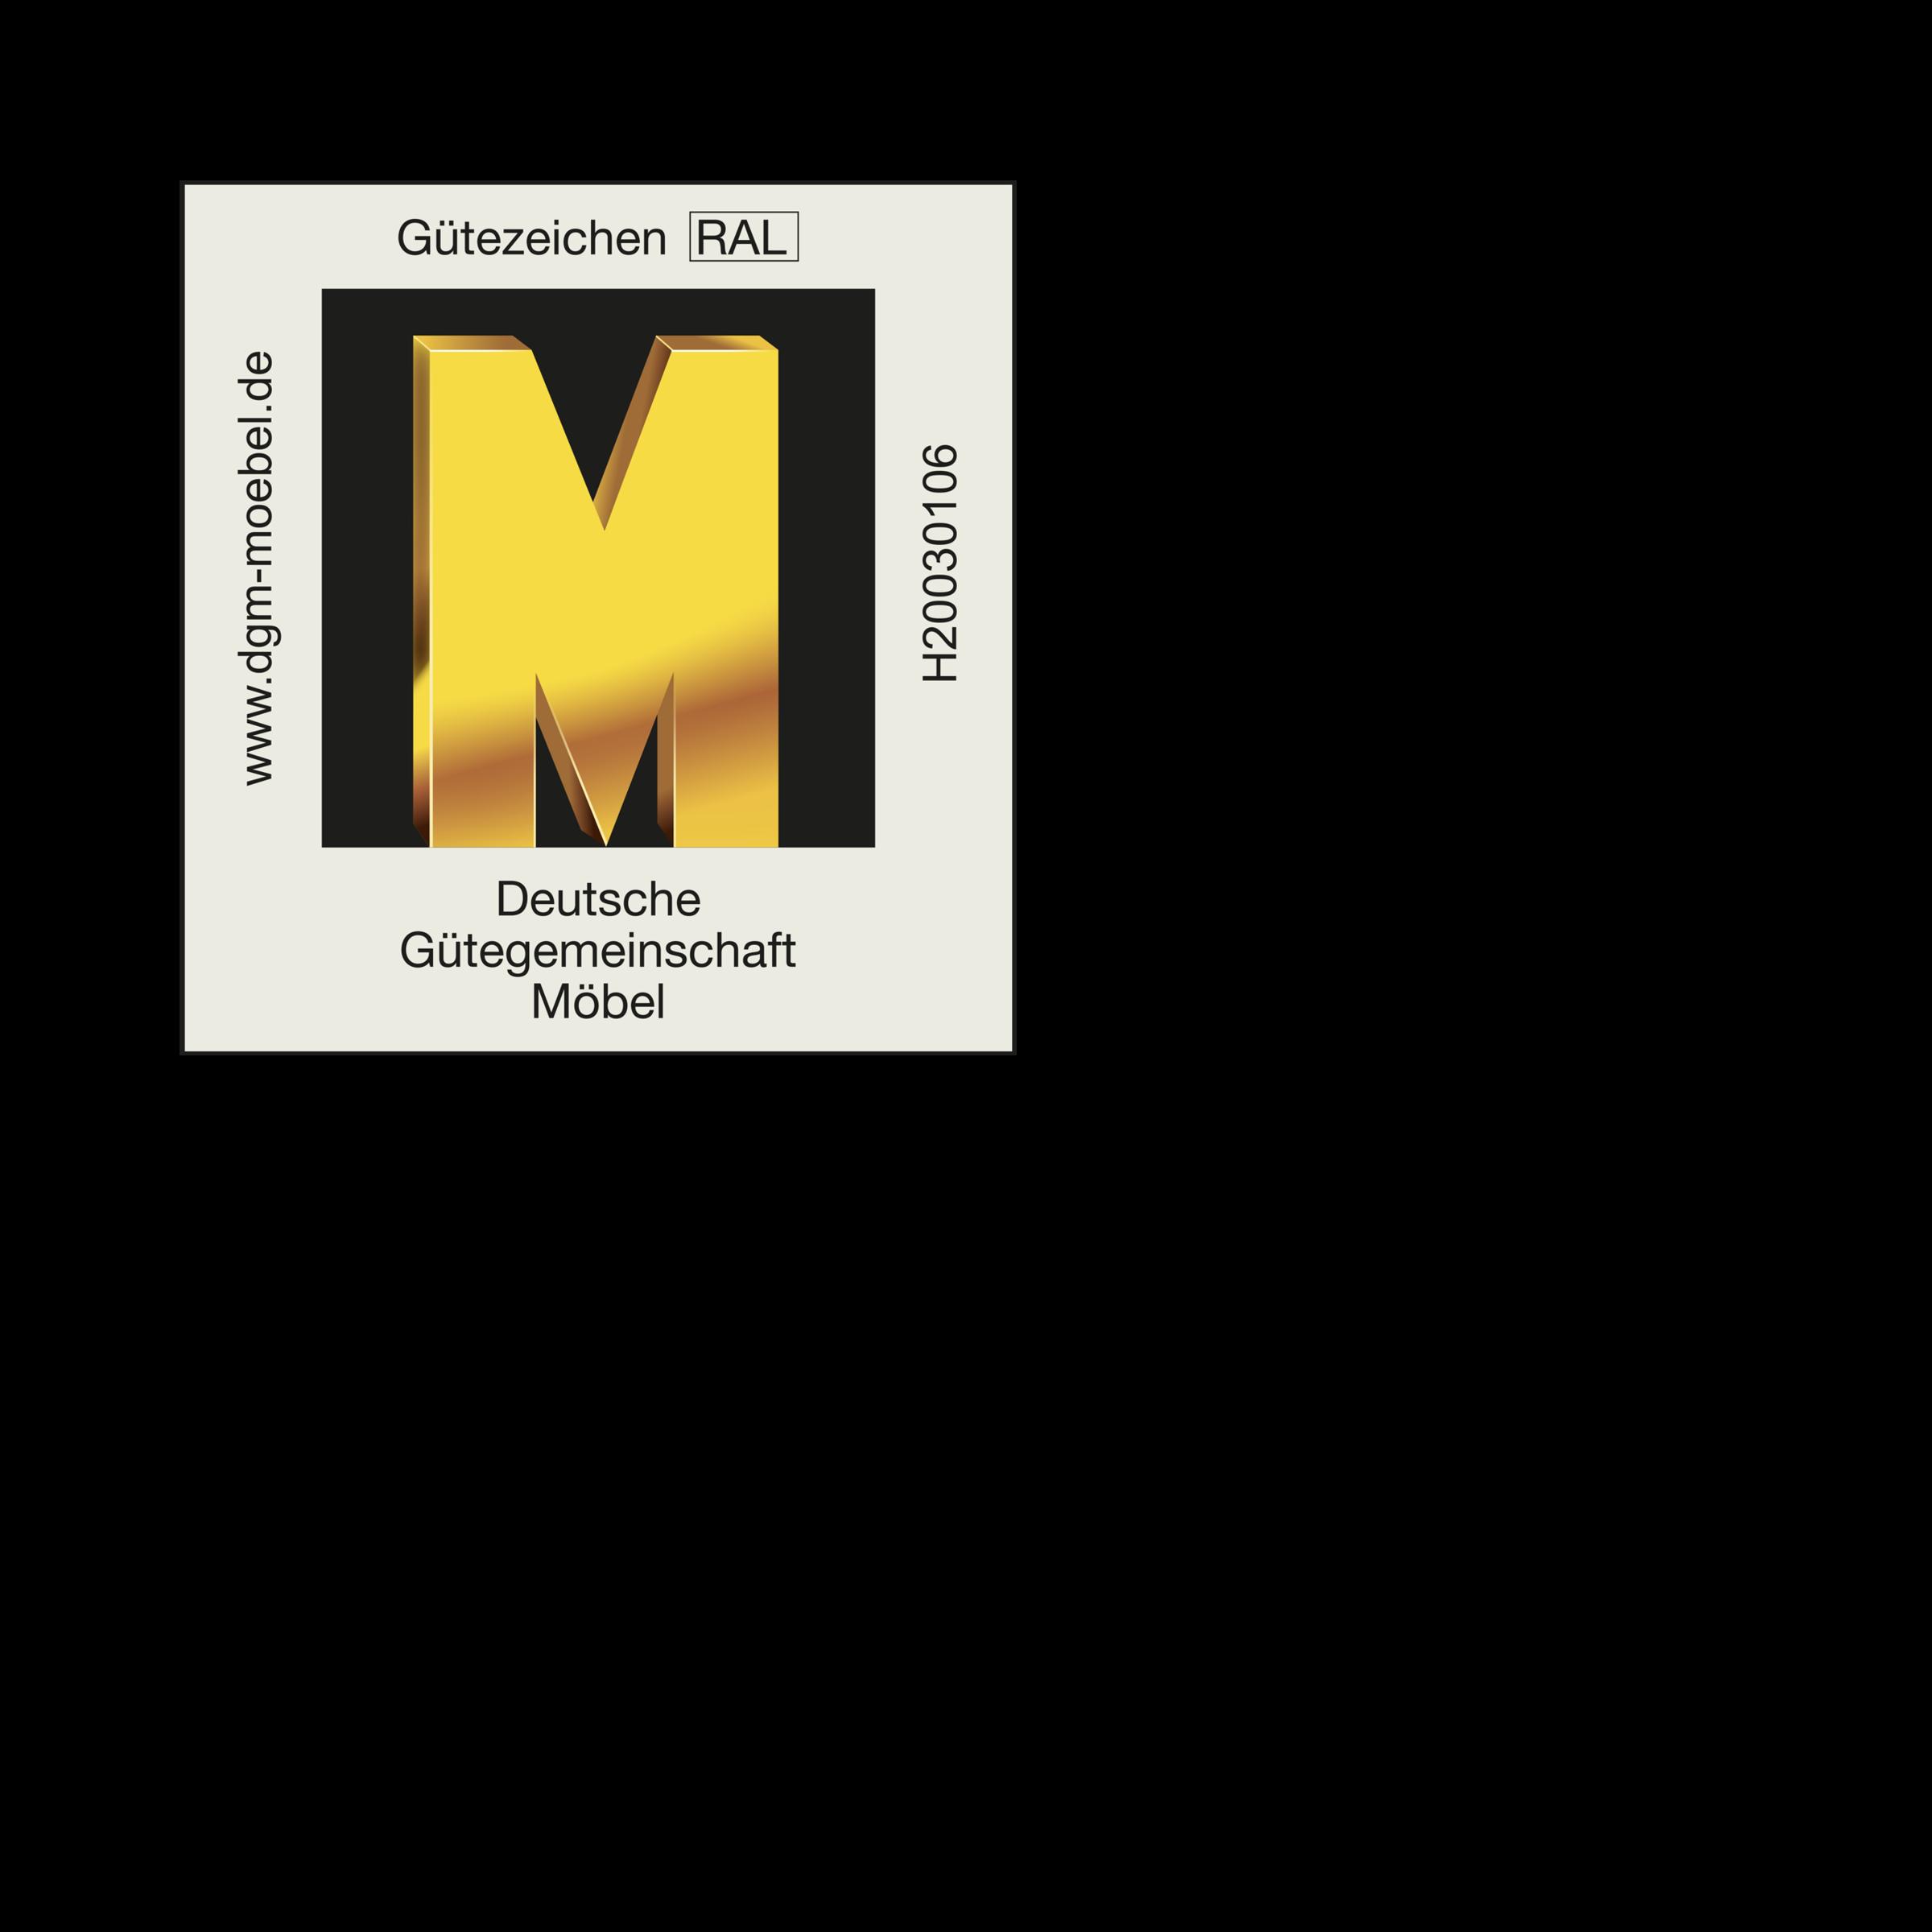 RMW Gütezeichen DGM